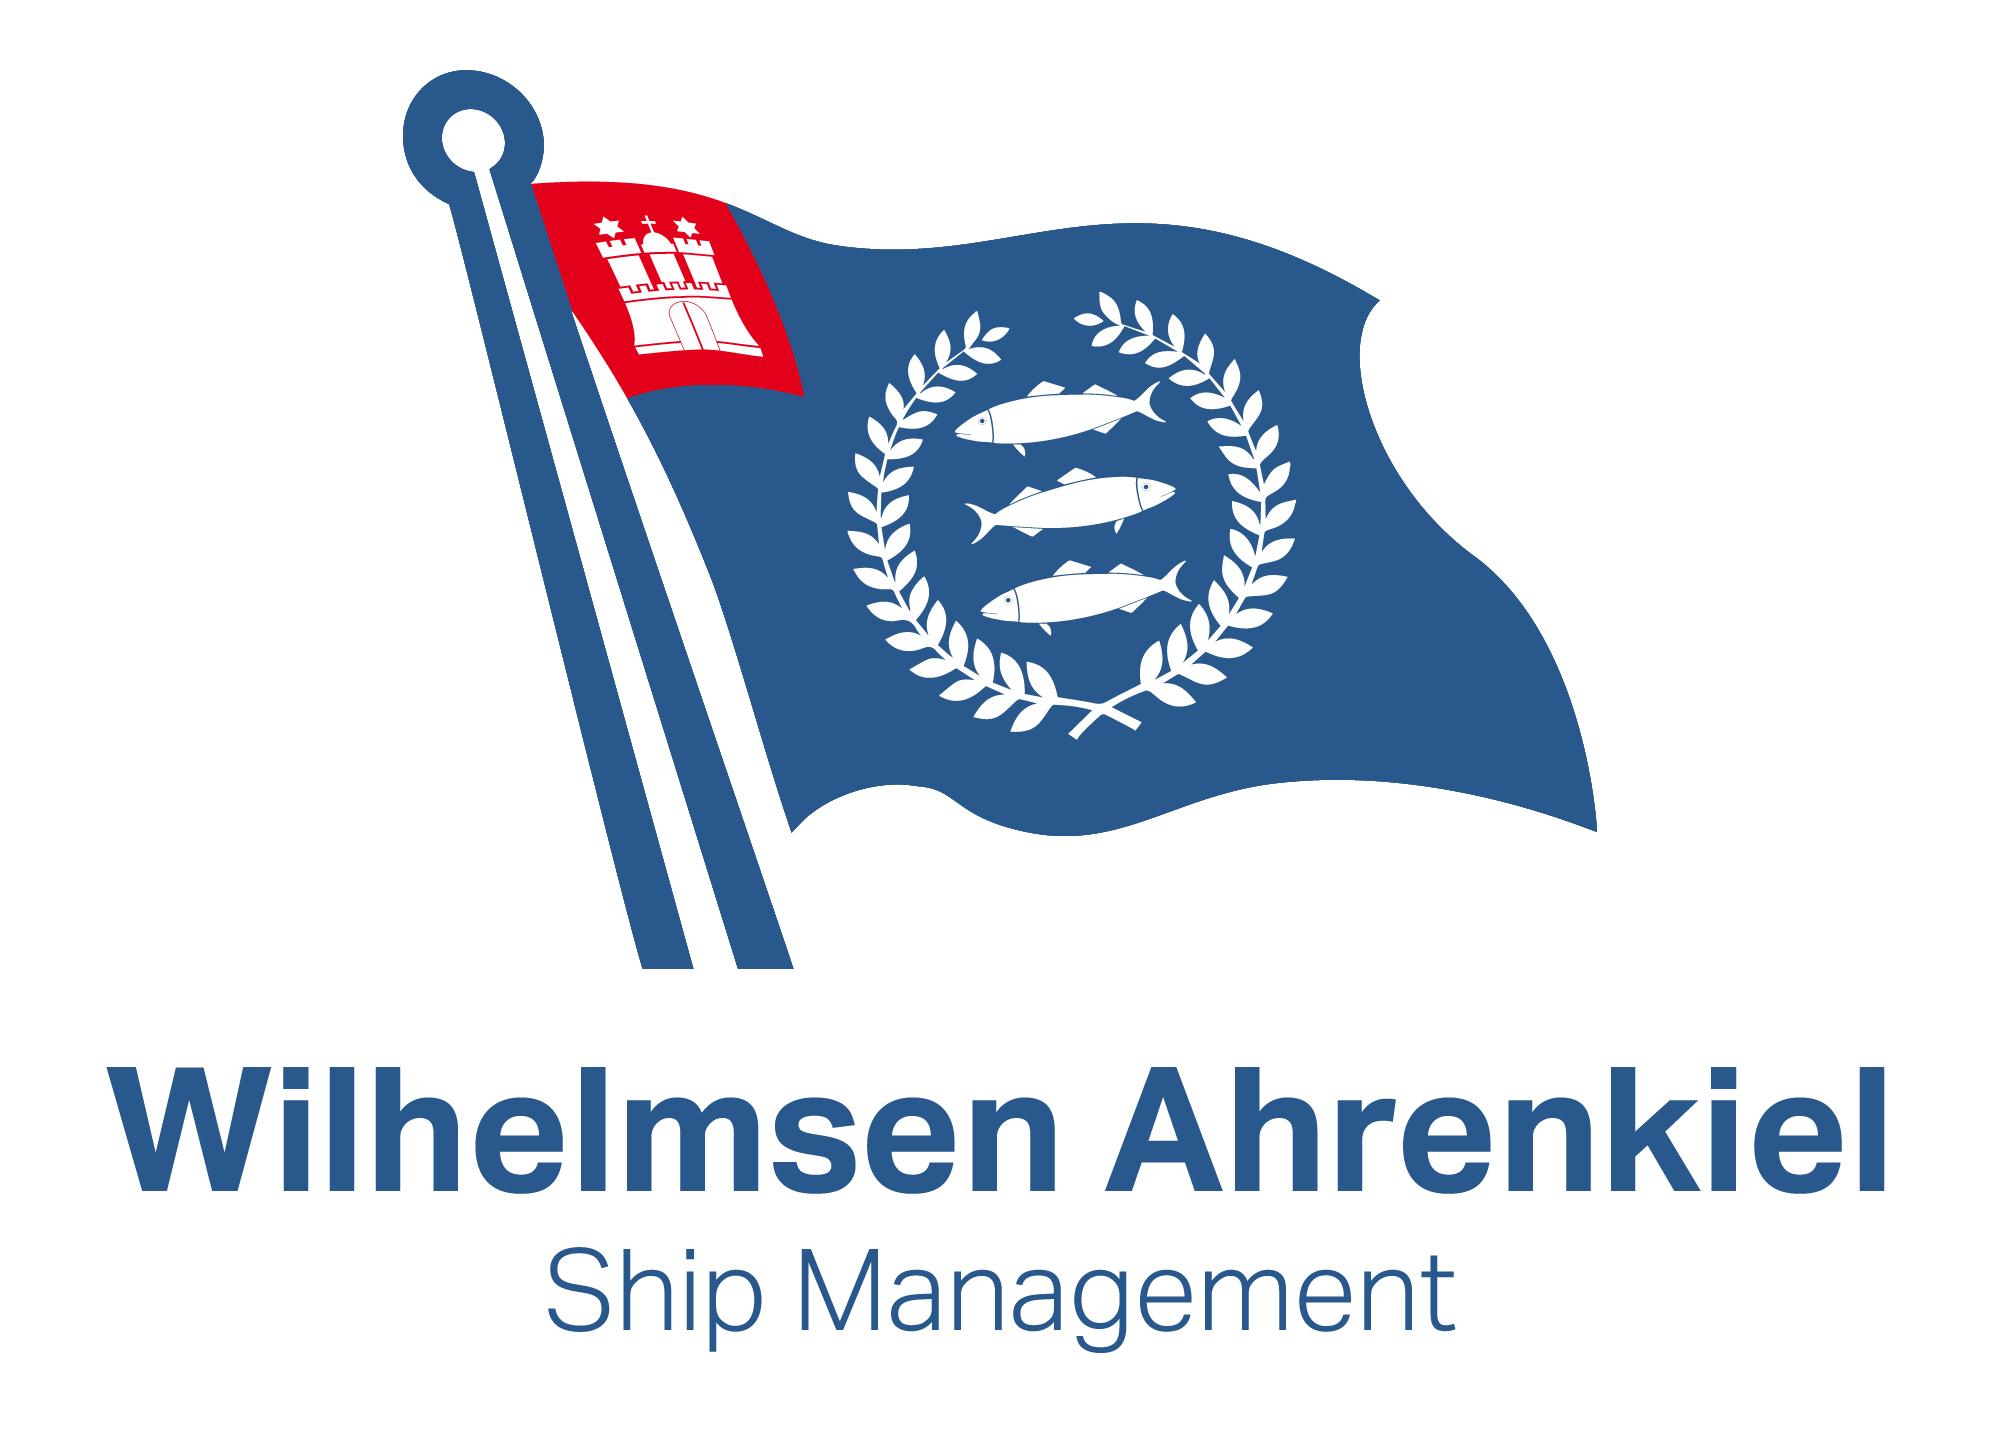 Wilhelmsen Ahrenkiel Ship Management